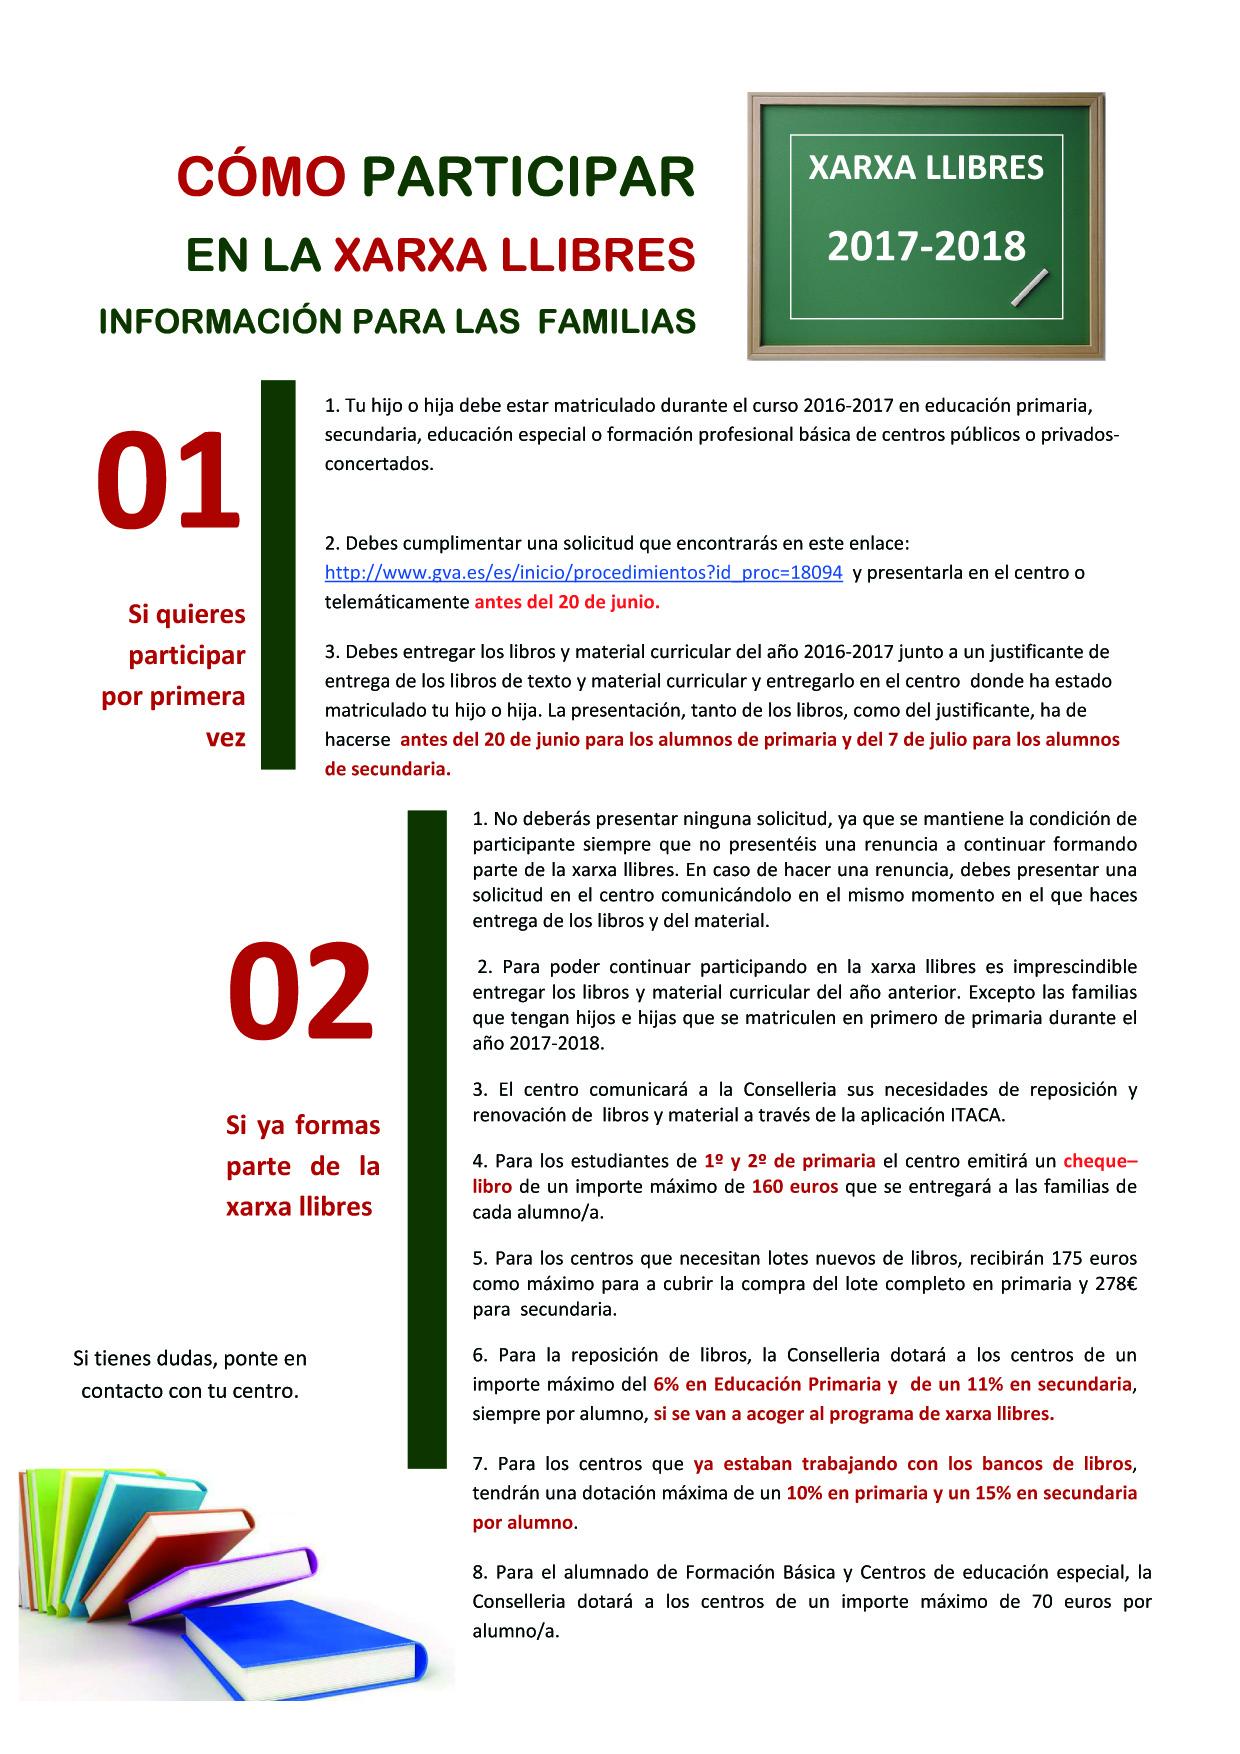 xarxa llibres 2017-18-cas